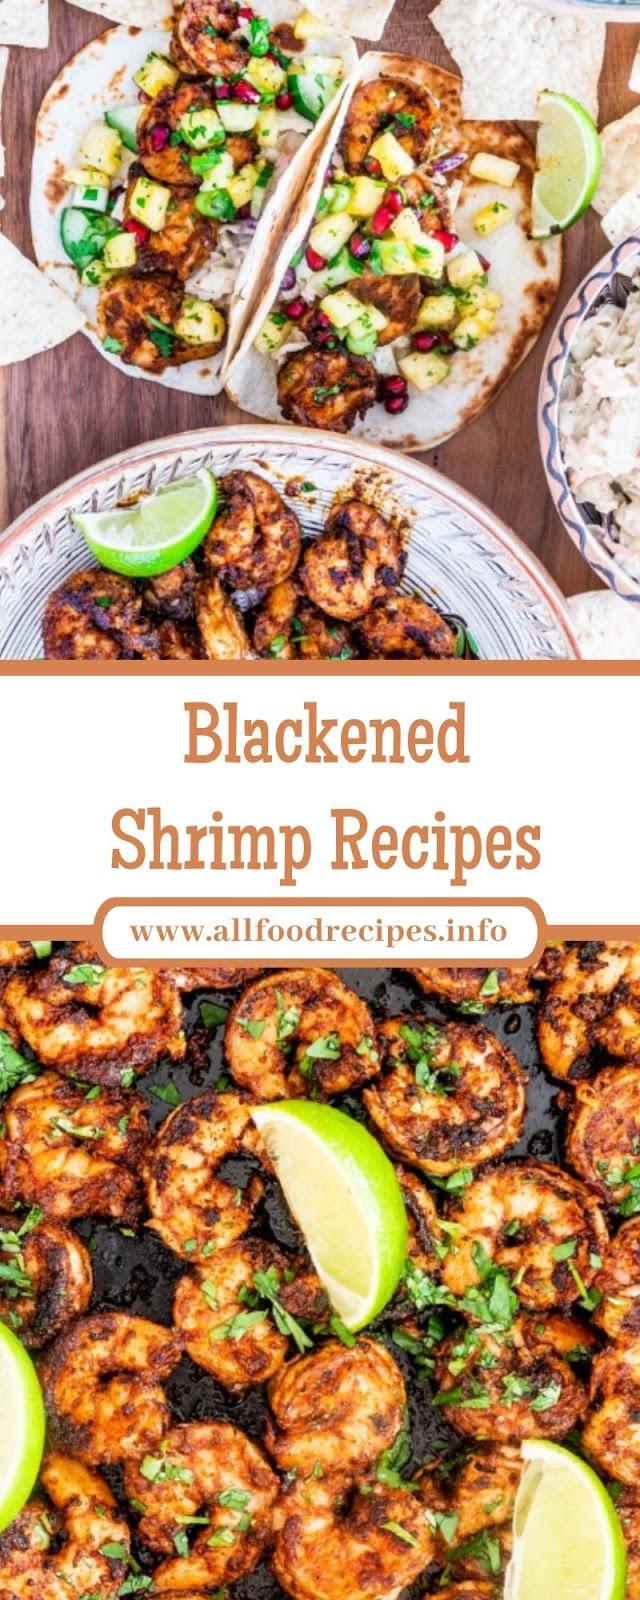 Blackened Shrimp Recipes